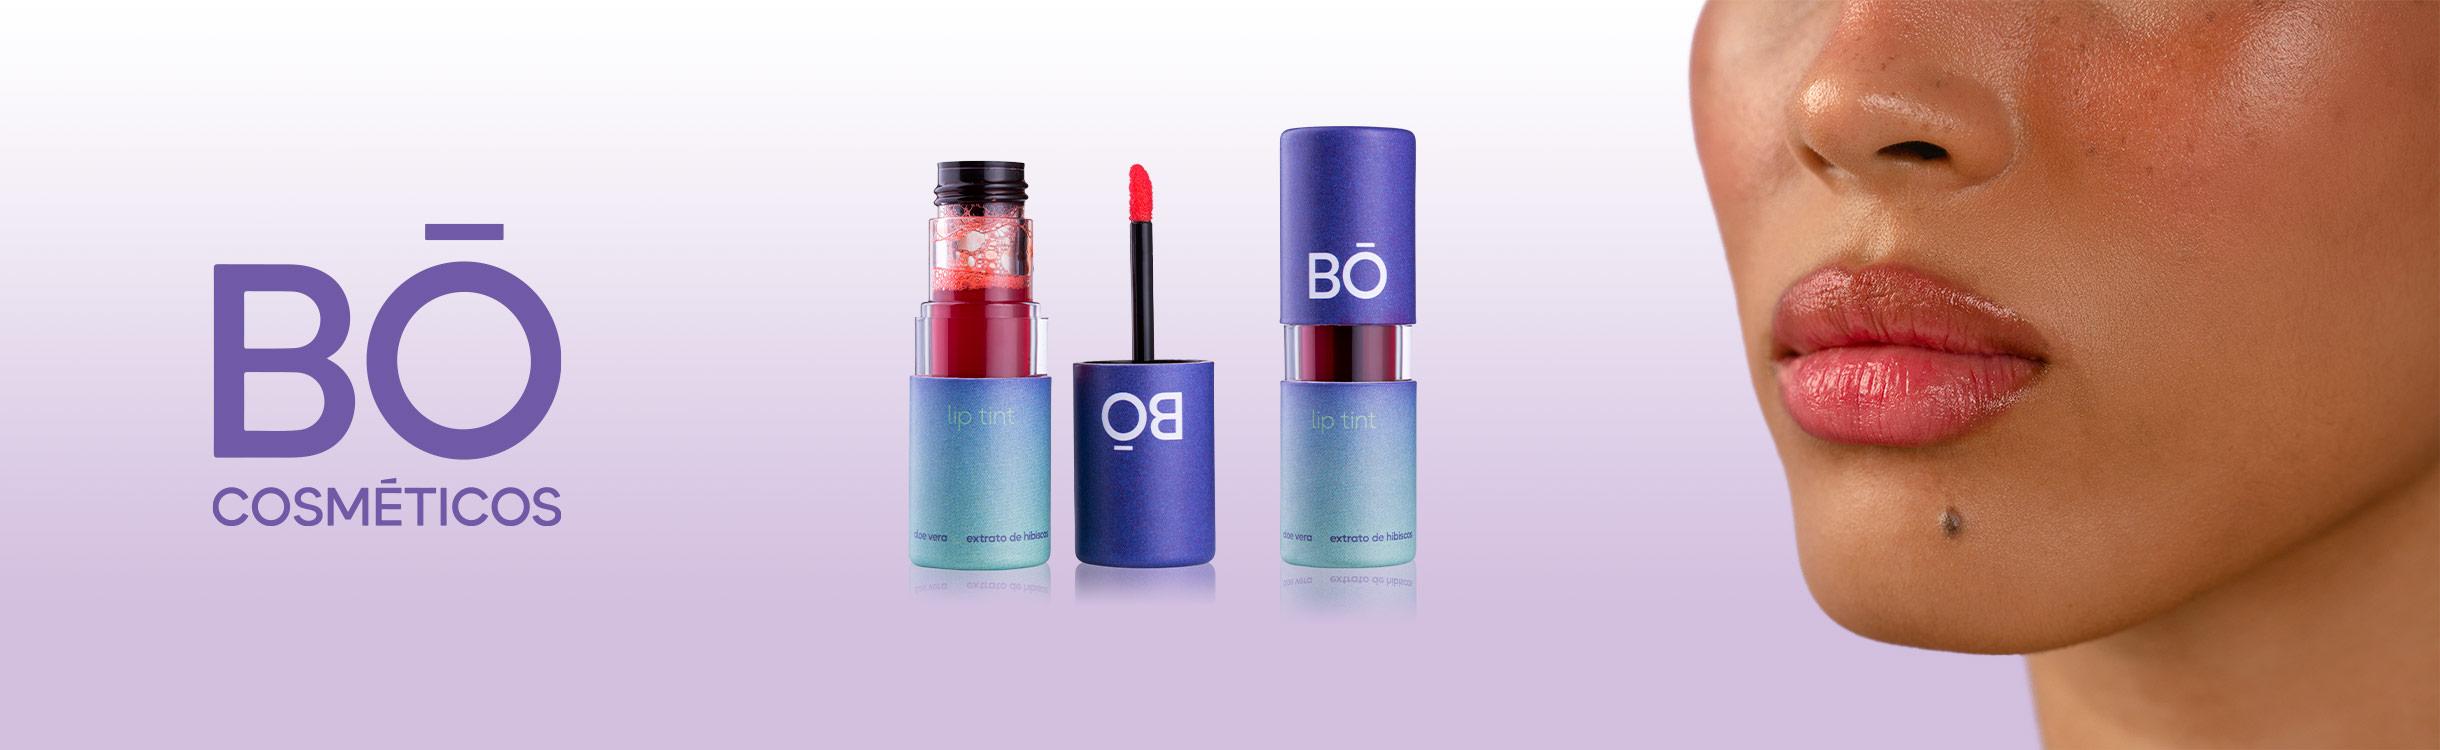 Maquiagem BO Cosméticos para Boca